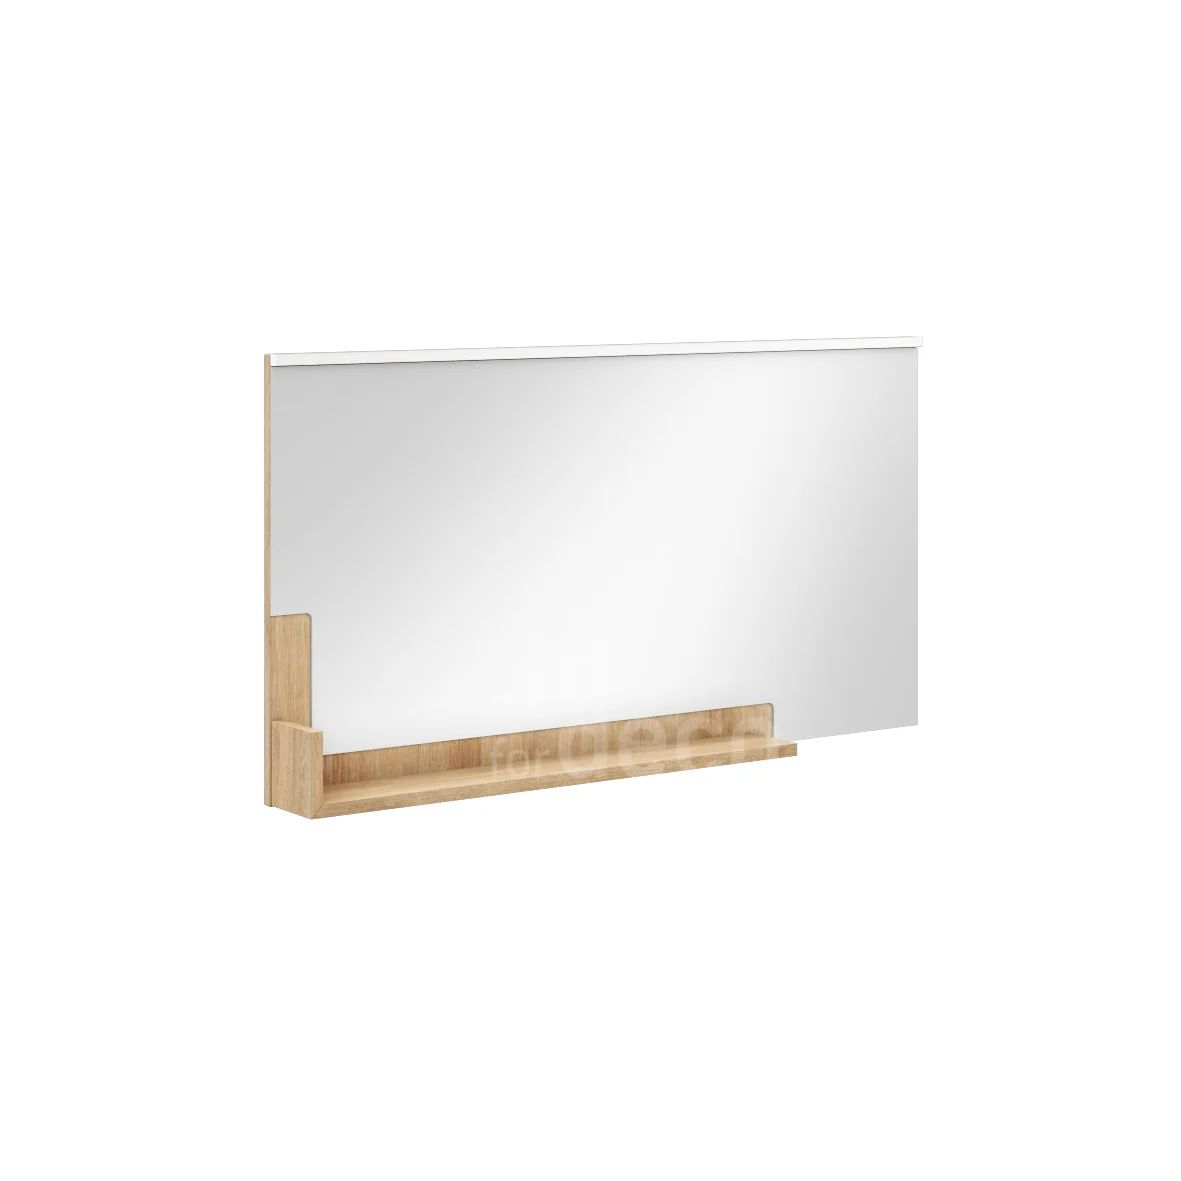 Miroir Lumineux Avec Eclairage Integre L 120 X H 64 Cm Eden Leroy Merlin